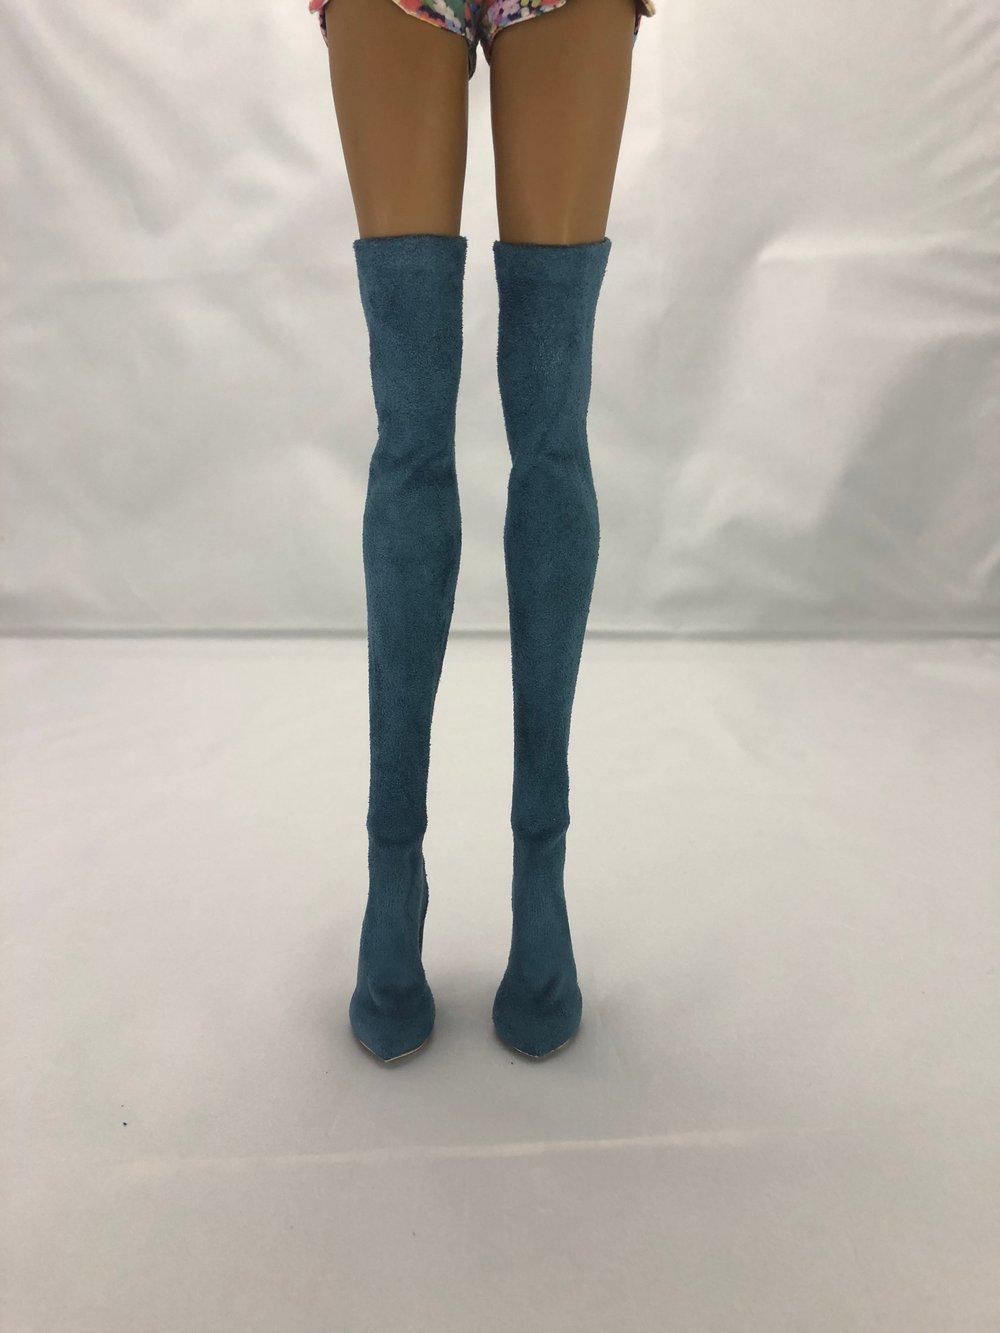 Blue Thigh High Boots: Pidgin Doll p1